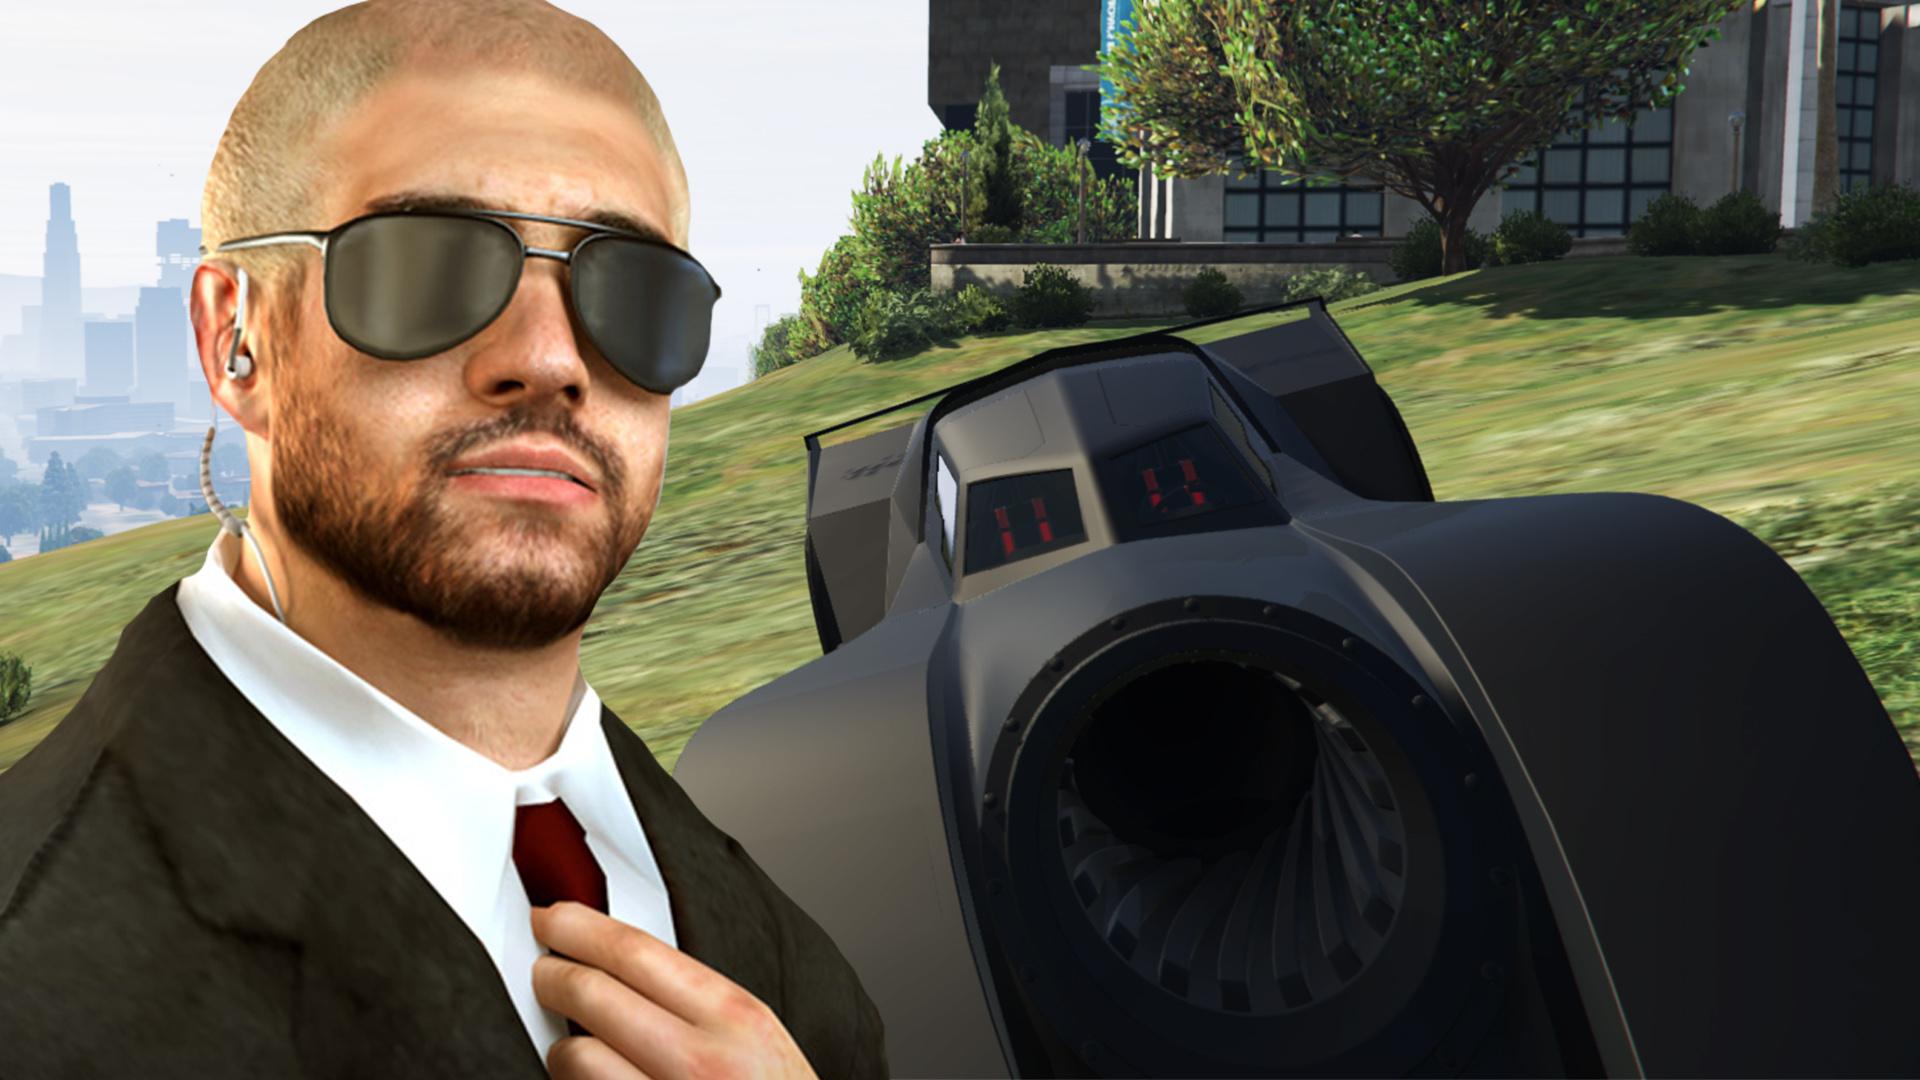 Gta Online Seht In 7 Sekunden Warum Der Vigilante So Cool Ist